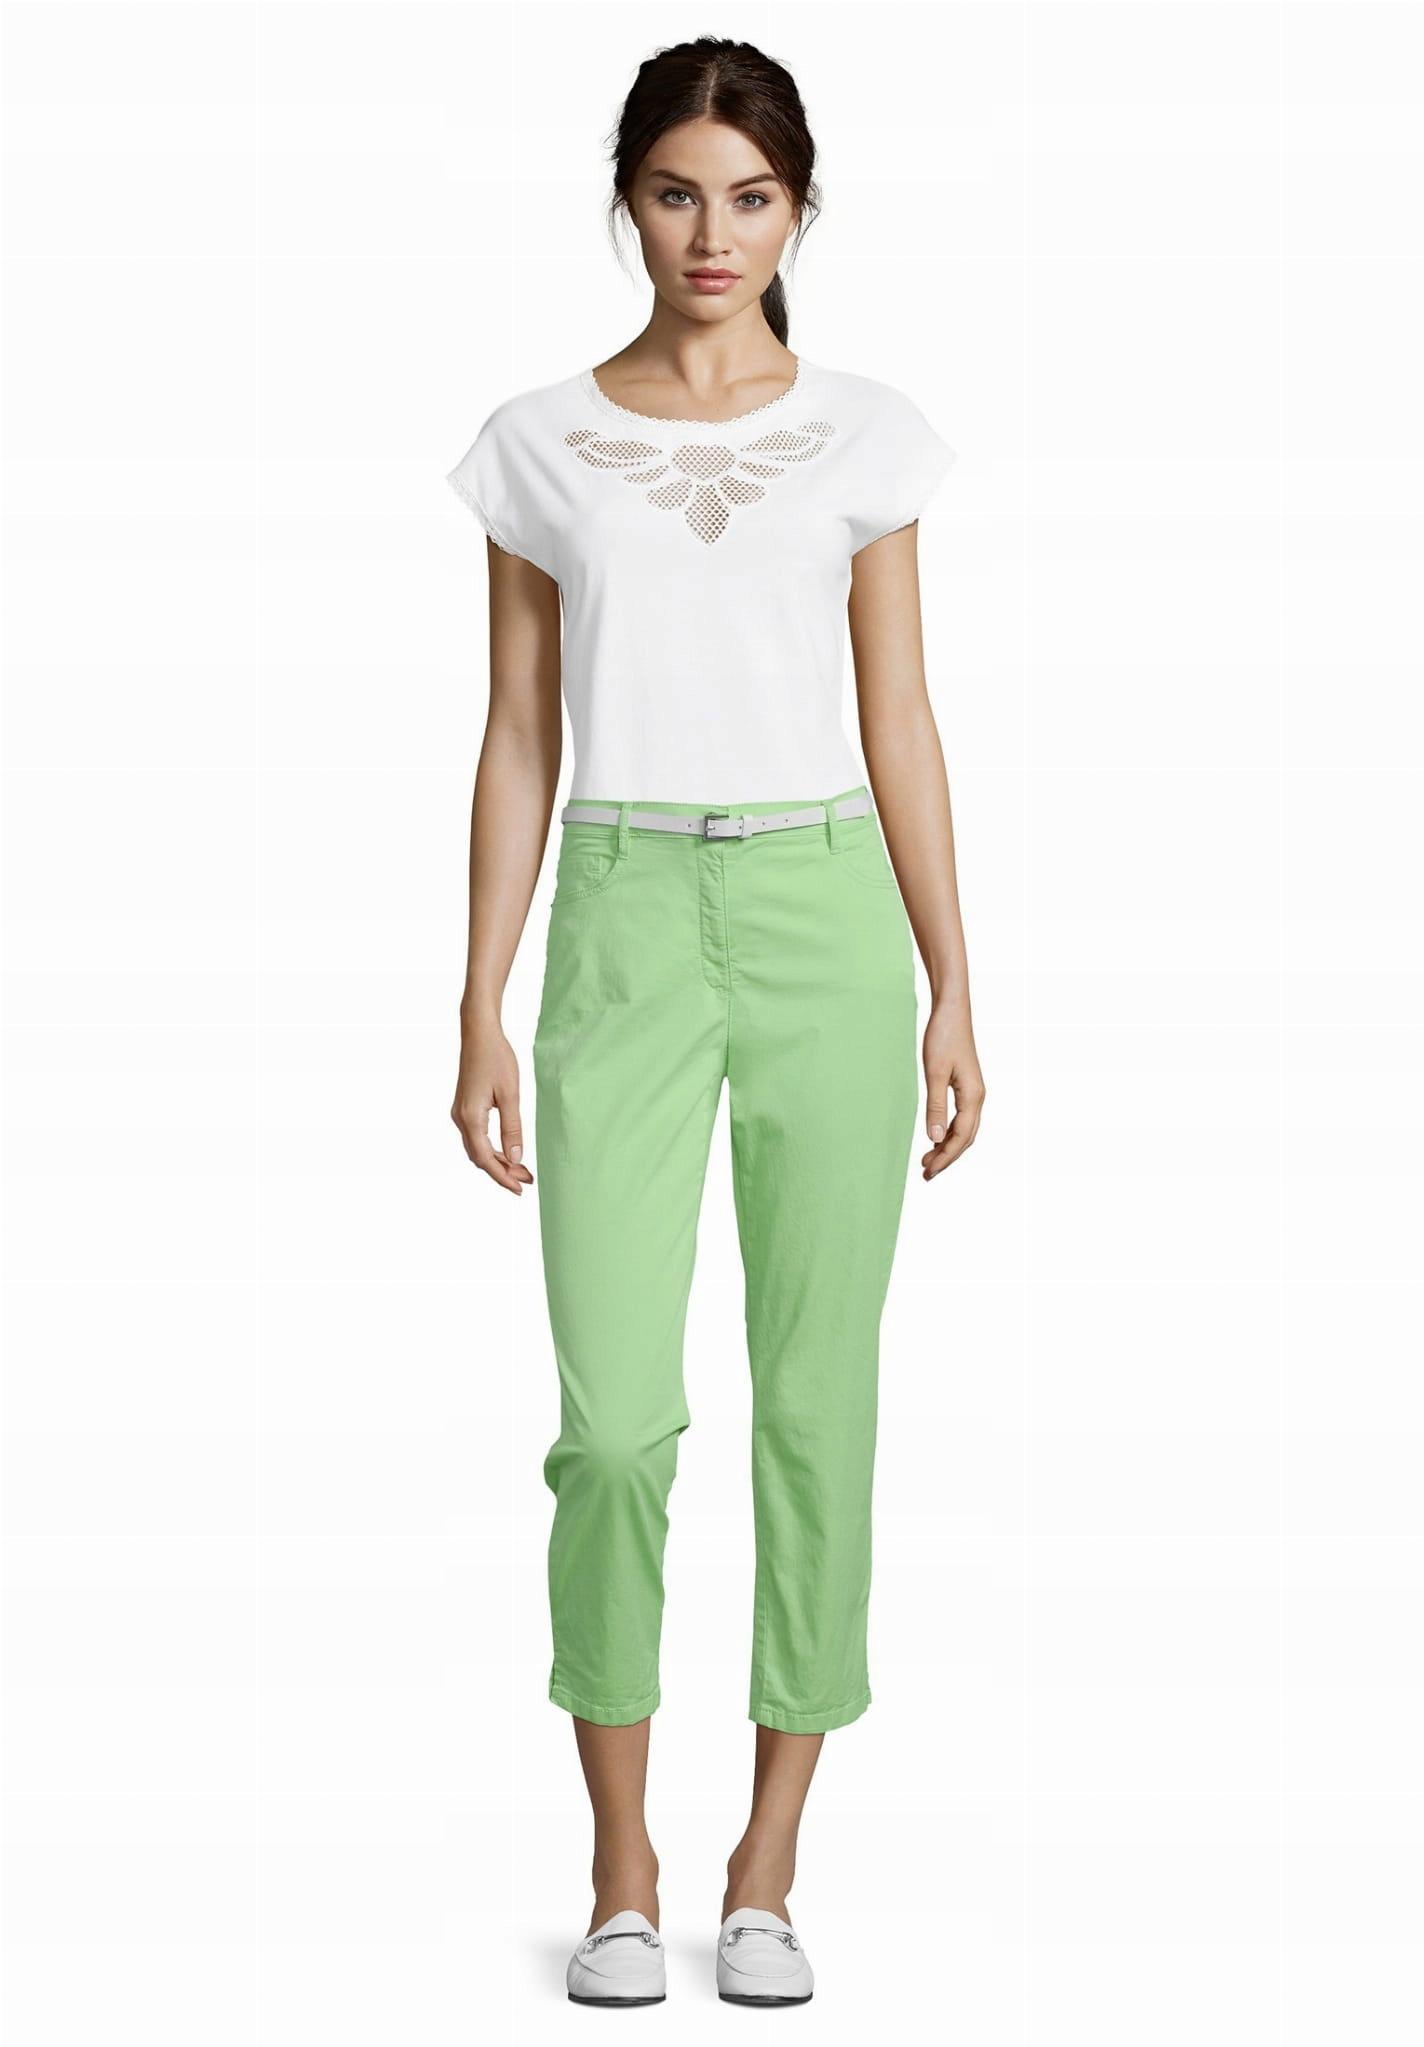 Spodnie BETTY BARCLAY limonkowe 7/8 rozmiar 36